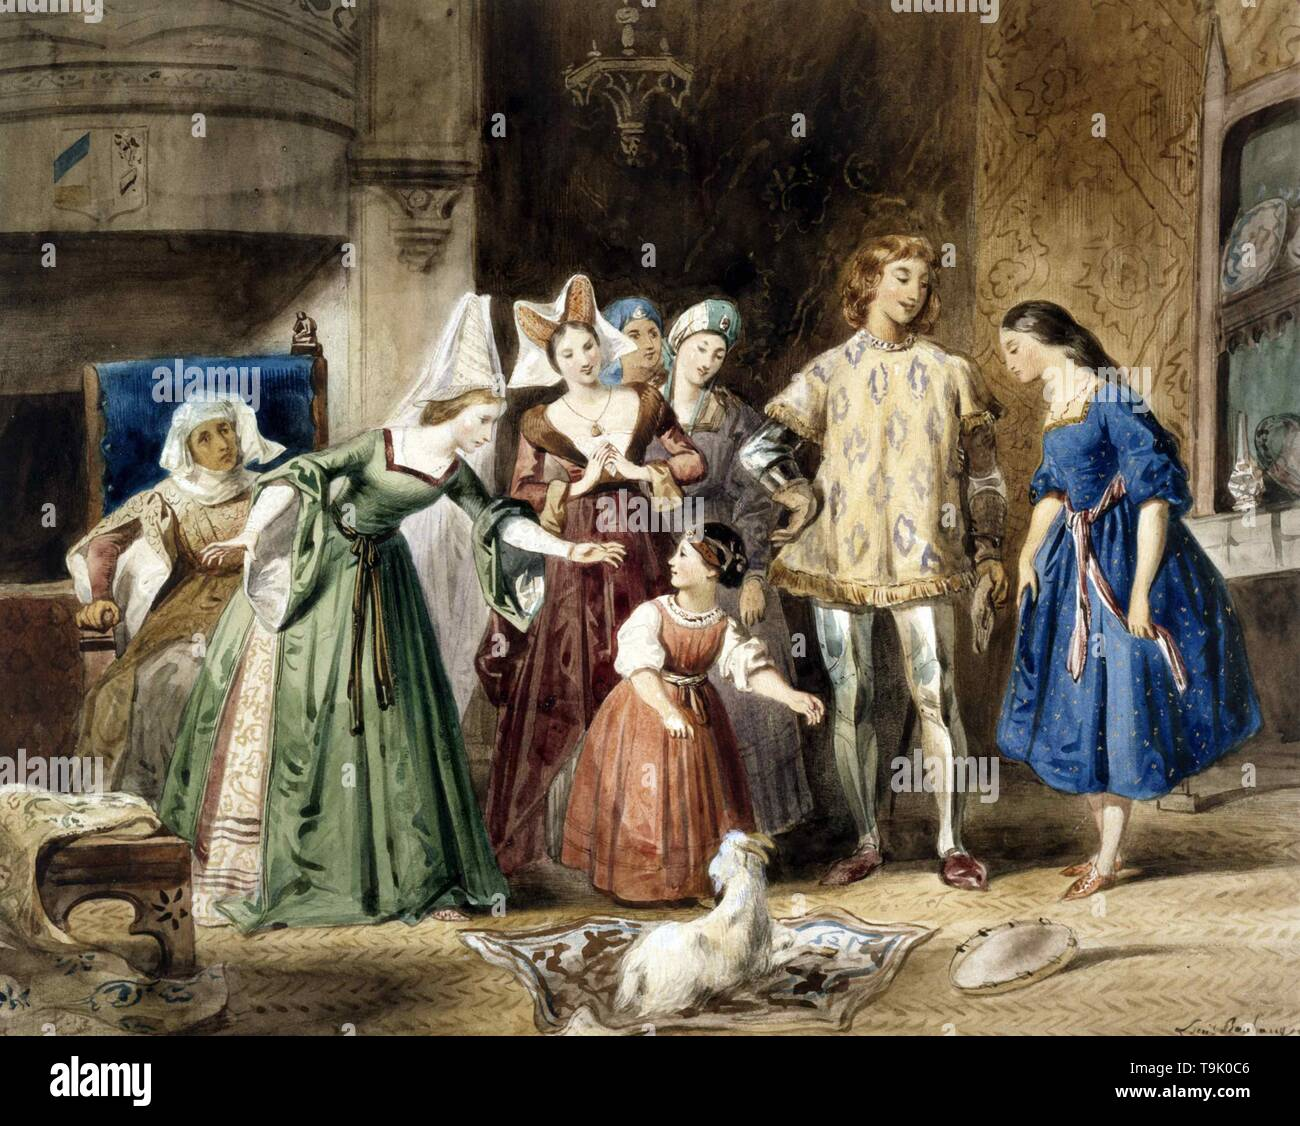 Esmeralda at Madame de Gondelaurier. The Hunchback of Notre-Dame by Victor Hugo. Museum: Maison de Victor Hugo. Author: Louis Candide Boulanger. - Stock Image